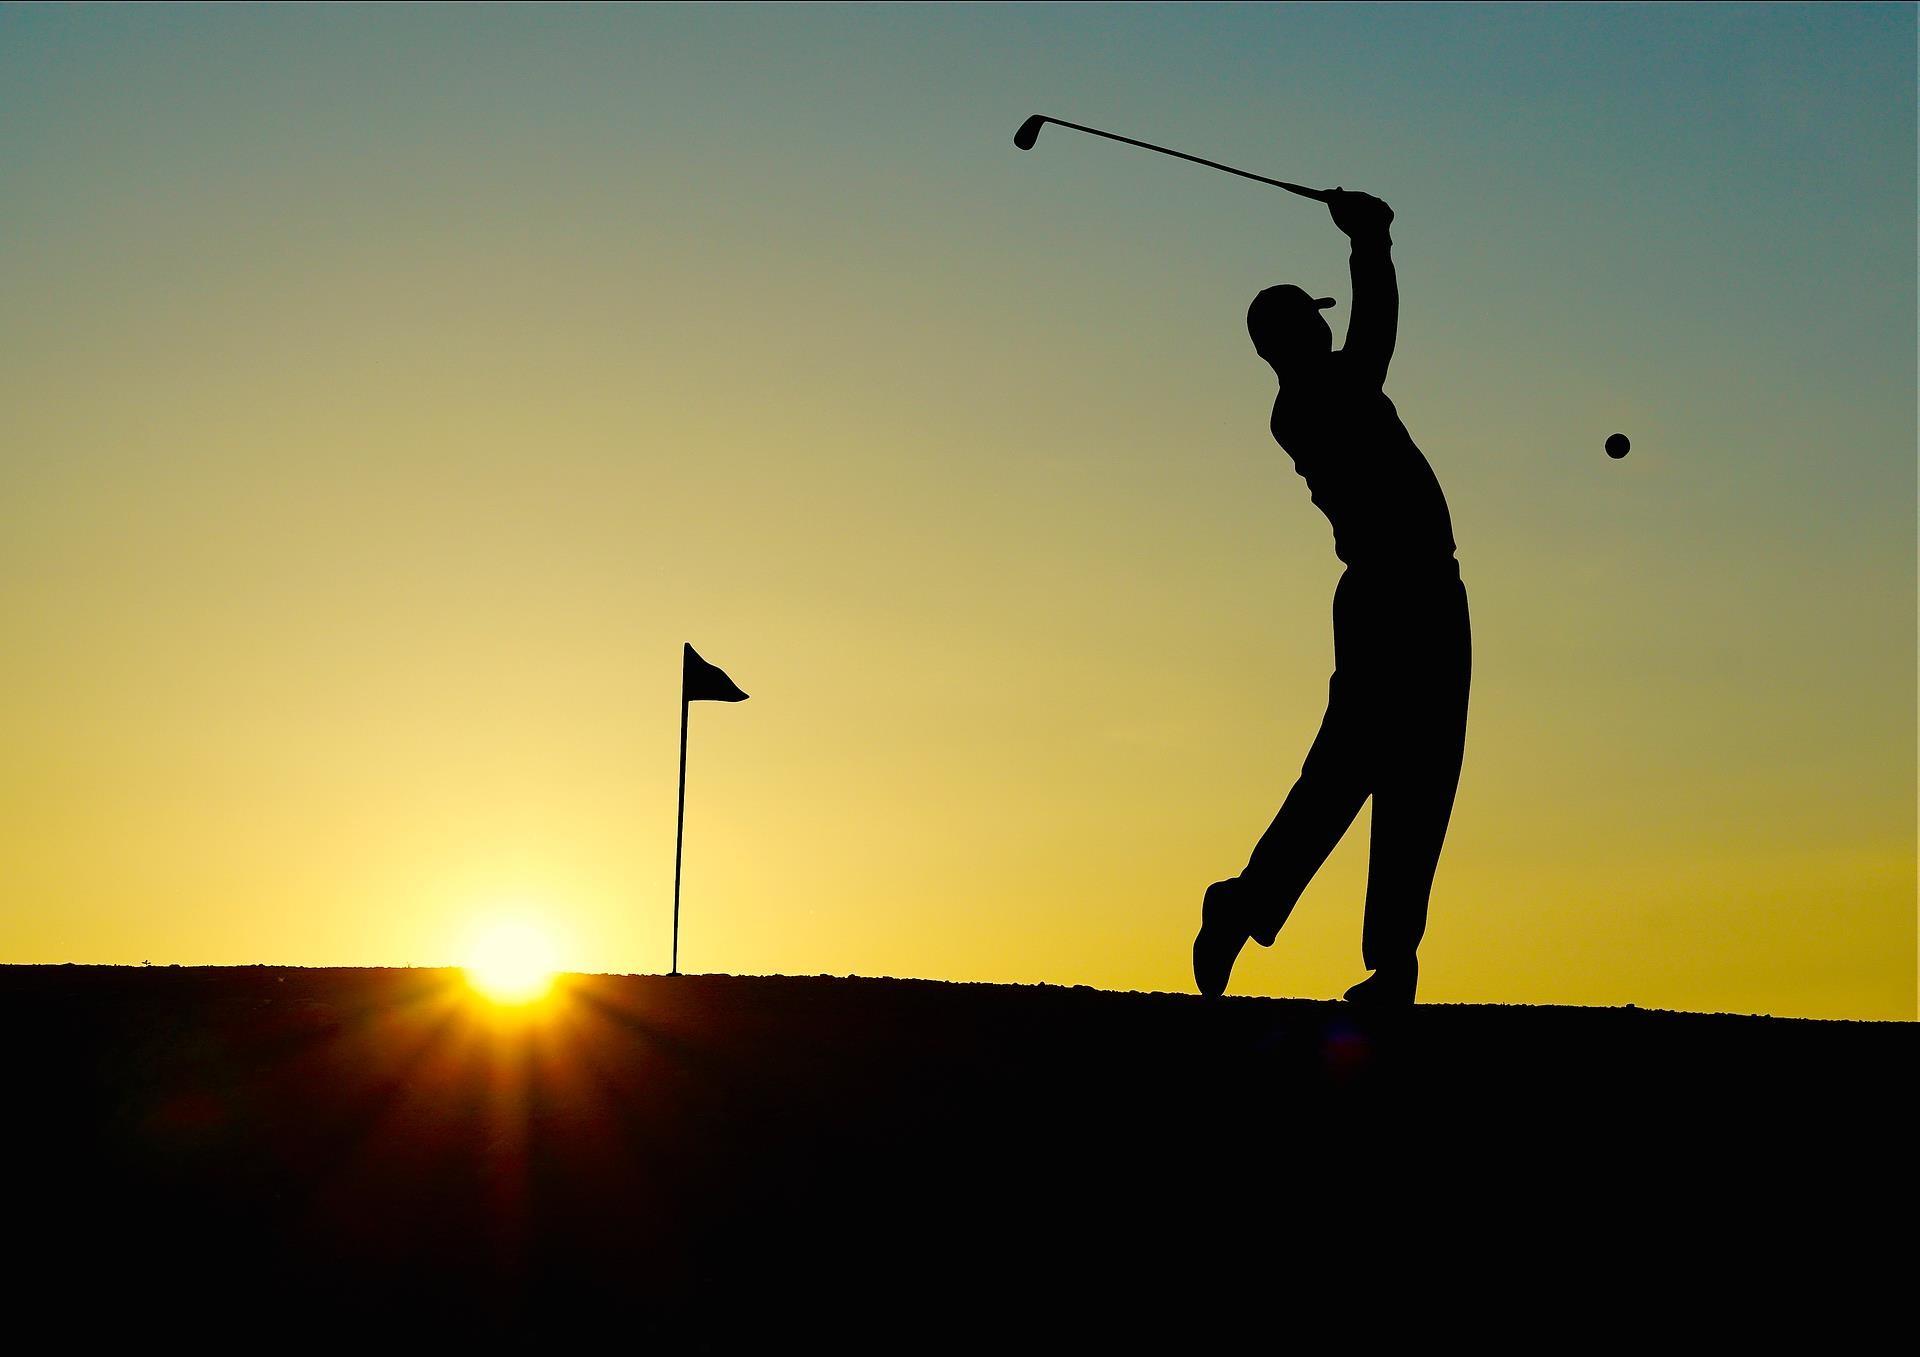 European Tour Golf (Golf)